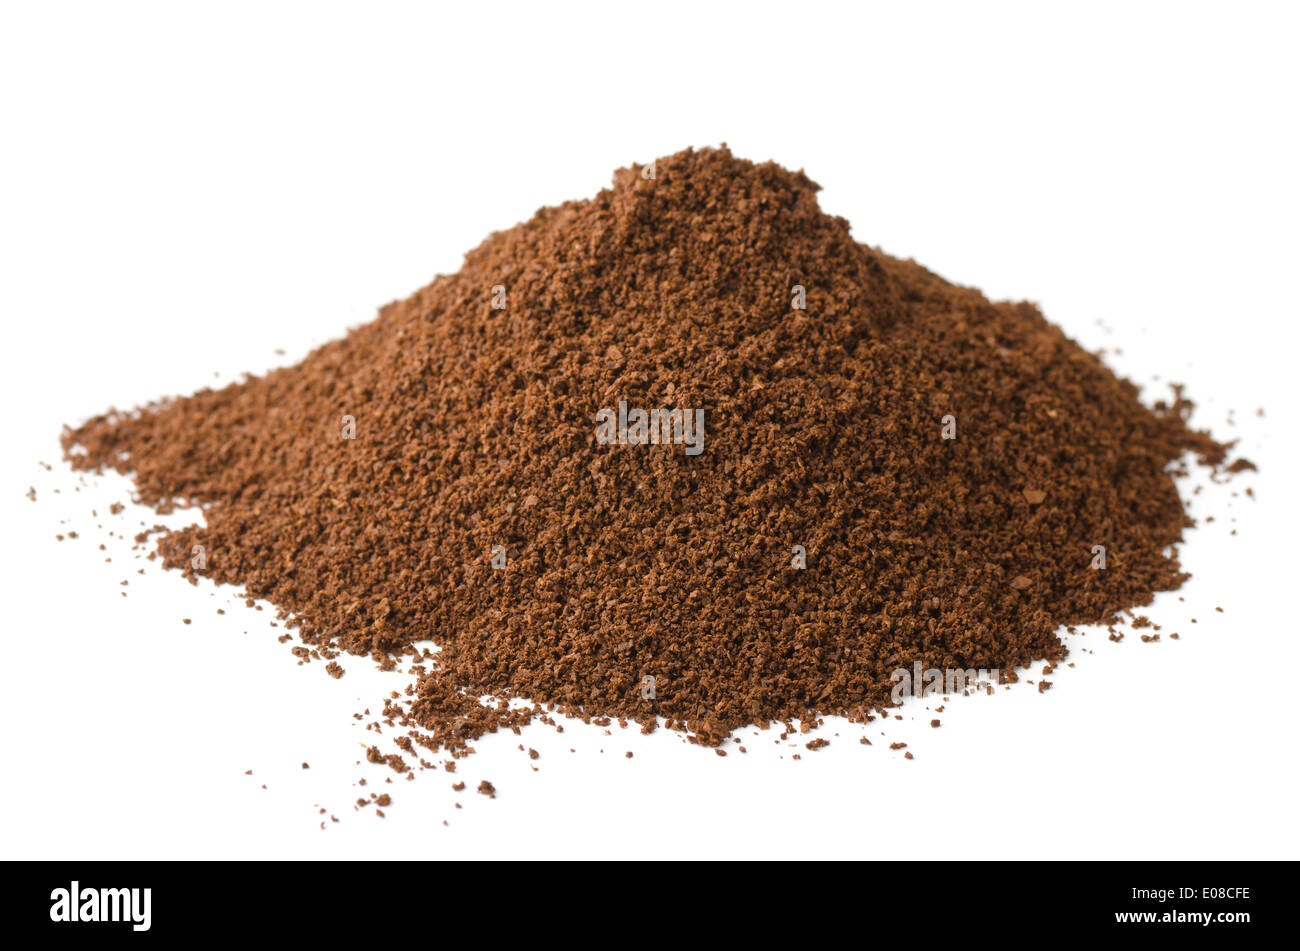 Haufen von frisch gemahlenem Kaffee Pulver isoliert auf weiss Stockbild